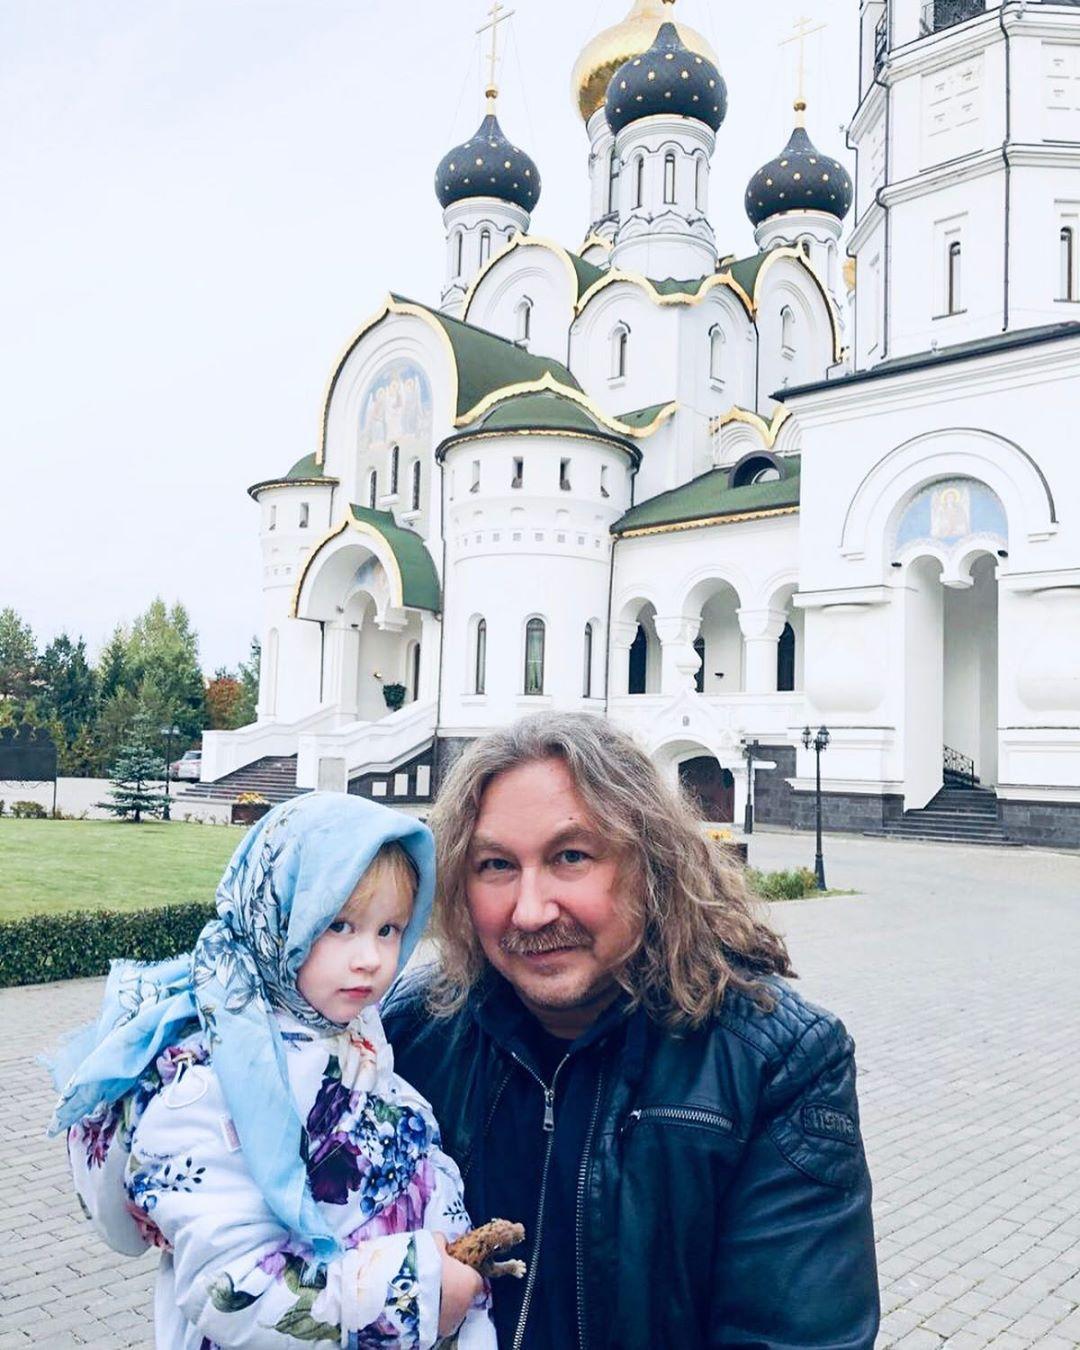 Почти не изменился: Игорь Николаев вспомнил, как выглядел тридцать лет назад